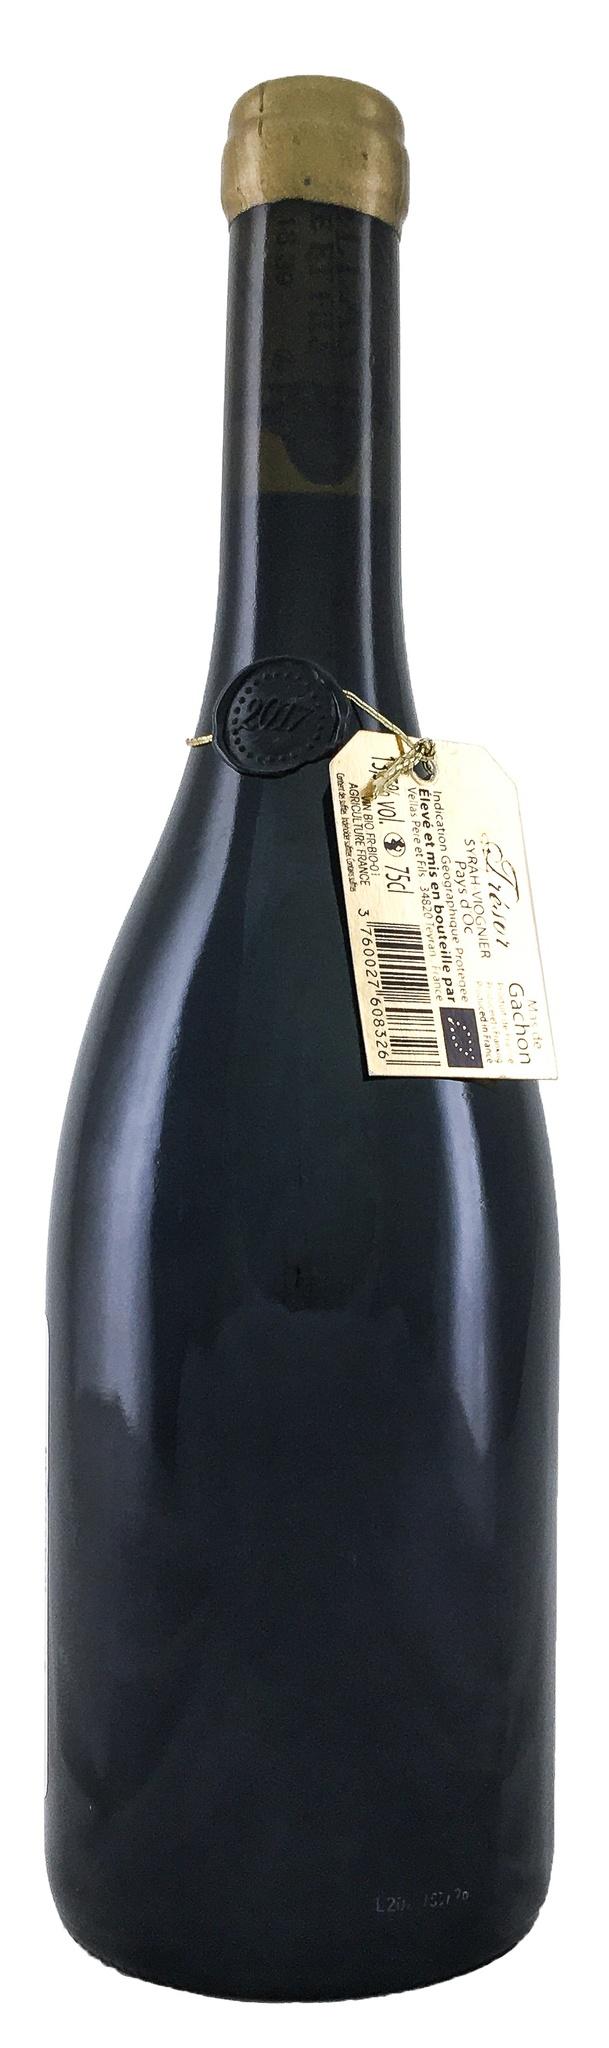 Вино Ма де Гашон Трезор Сира-Вионье сухое красное  з.г.у. категория IGP рег. Лангедок (Oc) 0,75л.